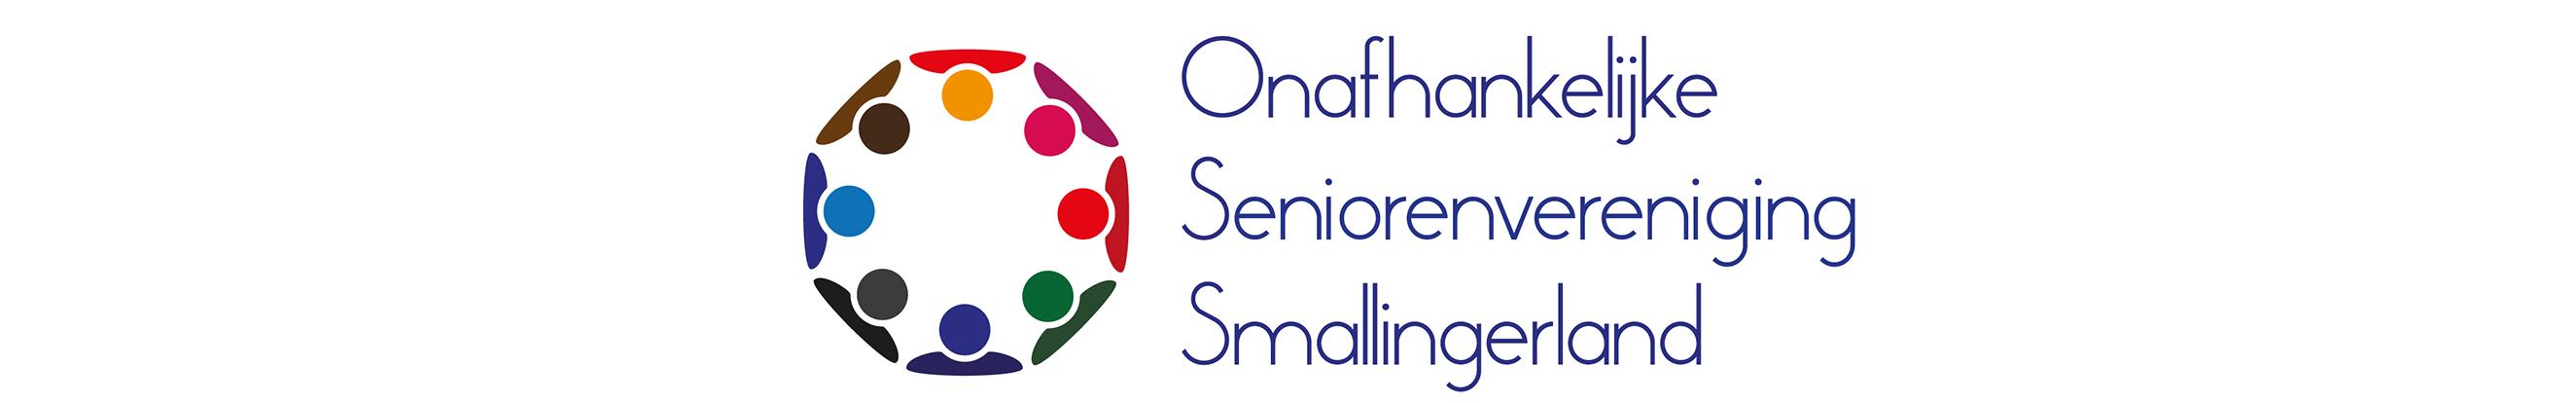 Oss-Smallingerland